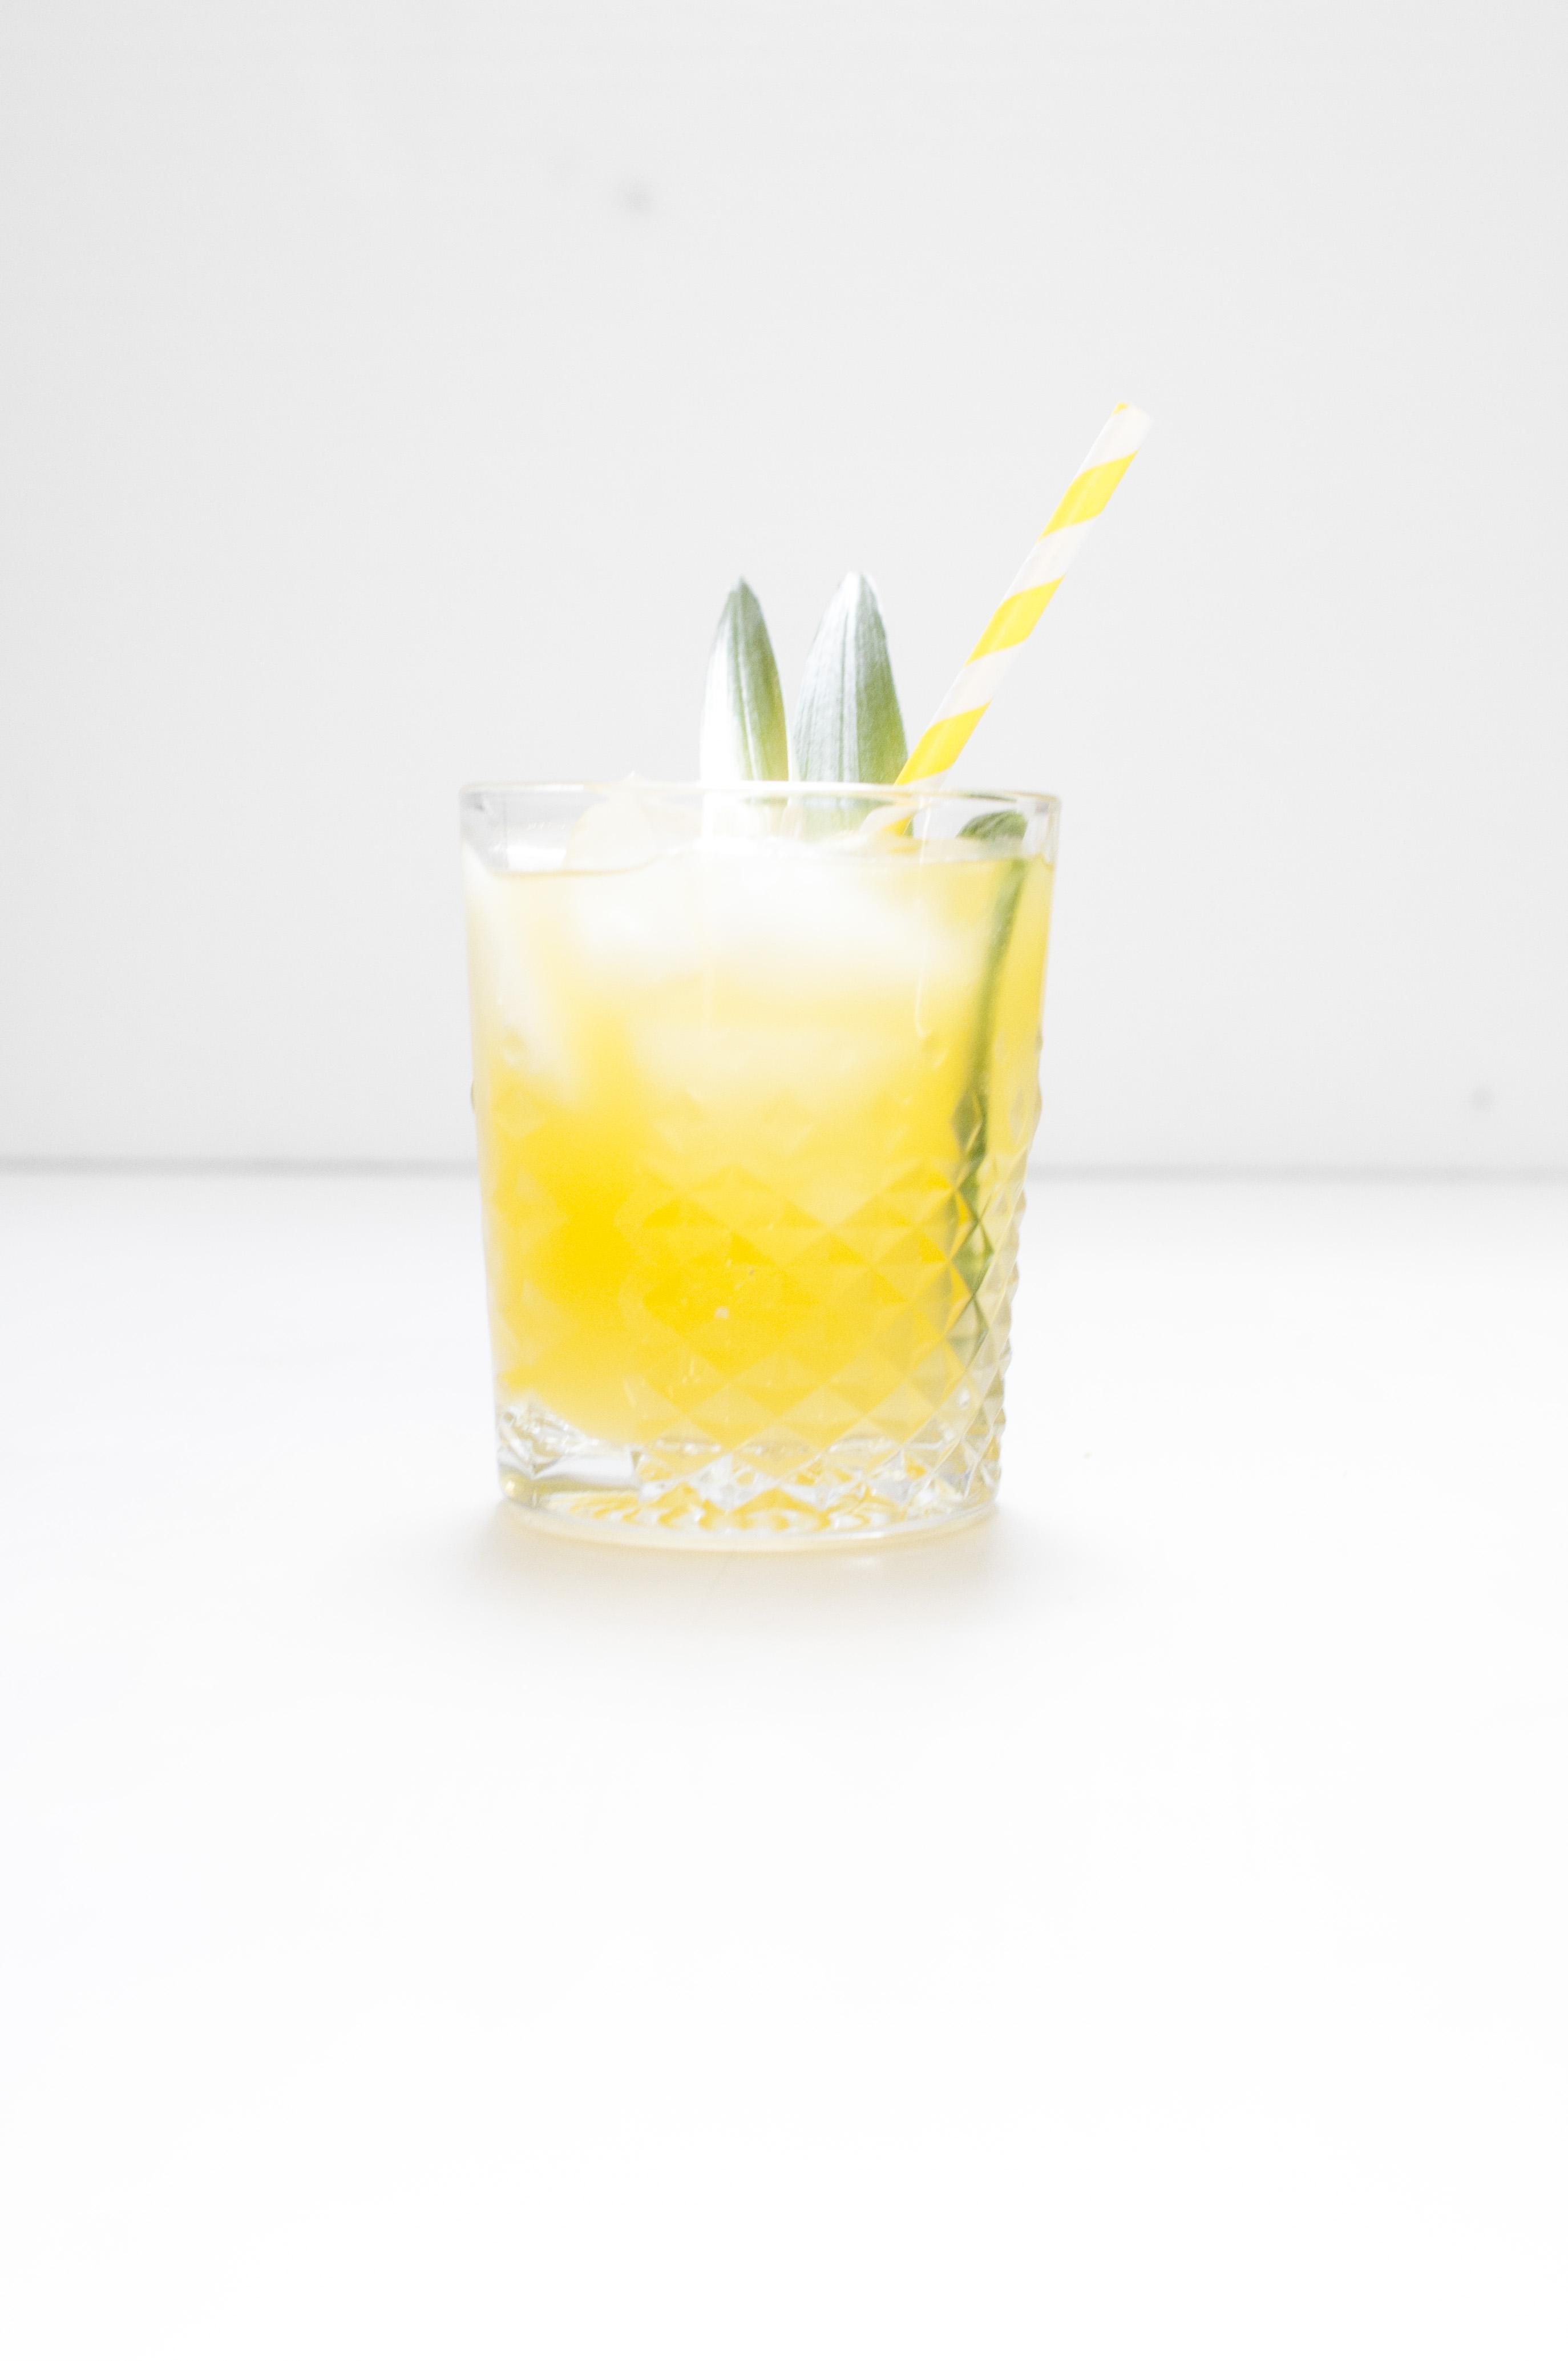 http://vollgut-gutvoll.de/2015/10/01/santino-drink/